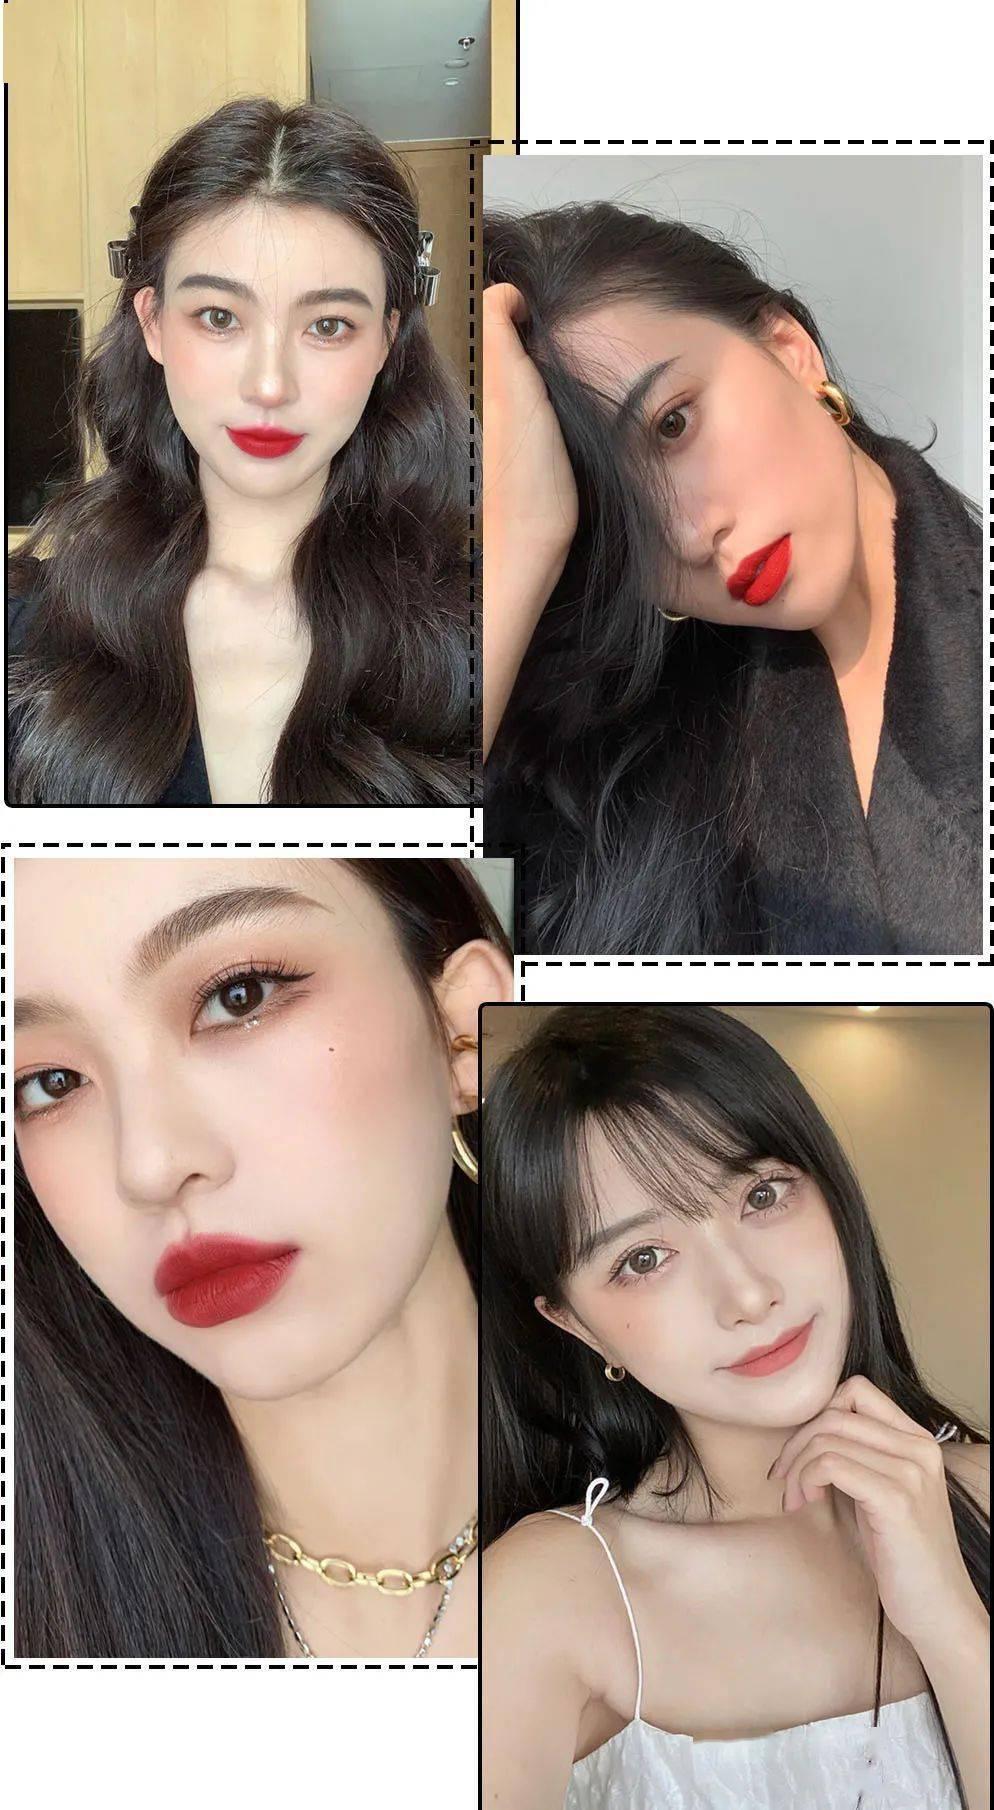 Với sự lăng xê rầm rộ của các hot girl TikTok, xu hướng trang điểm da trắng môi đỏ vừa sang chảnh, vừa trẻ trung này hứa hẹn sẽ còn lên ngôi thời gian tới.